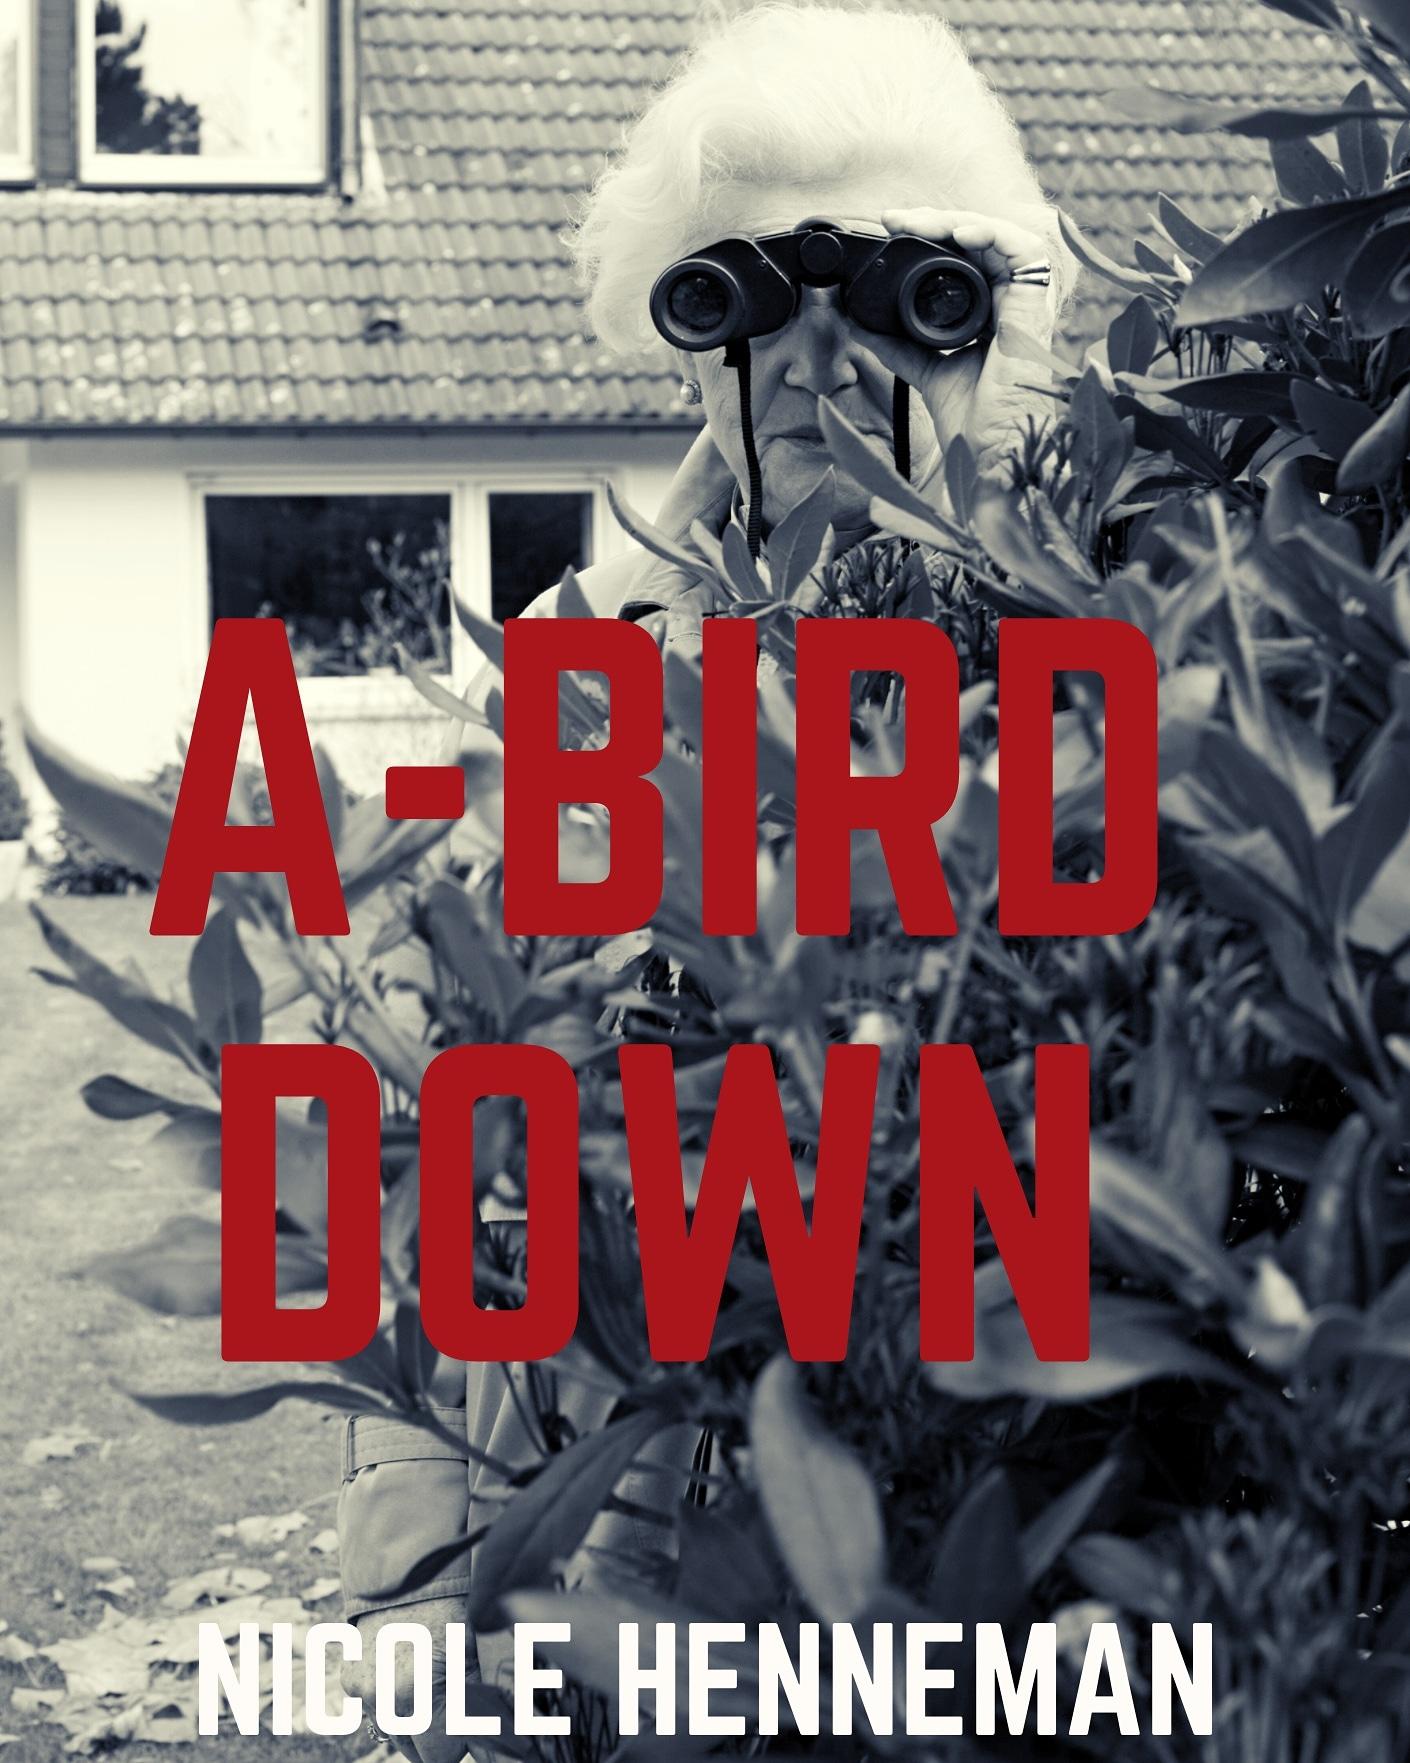 A-Bird Down